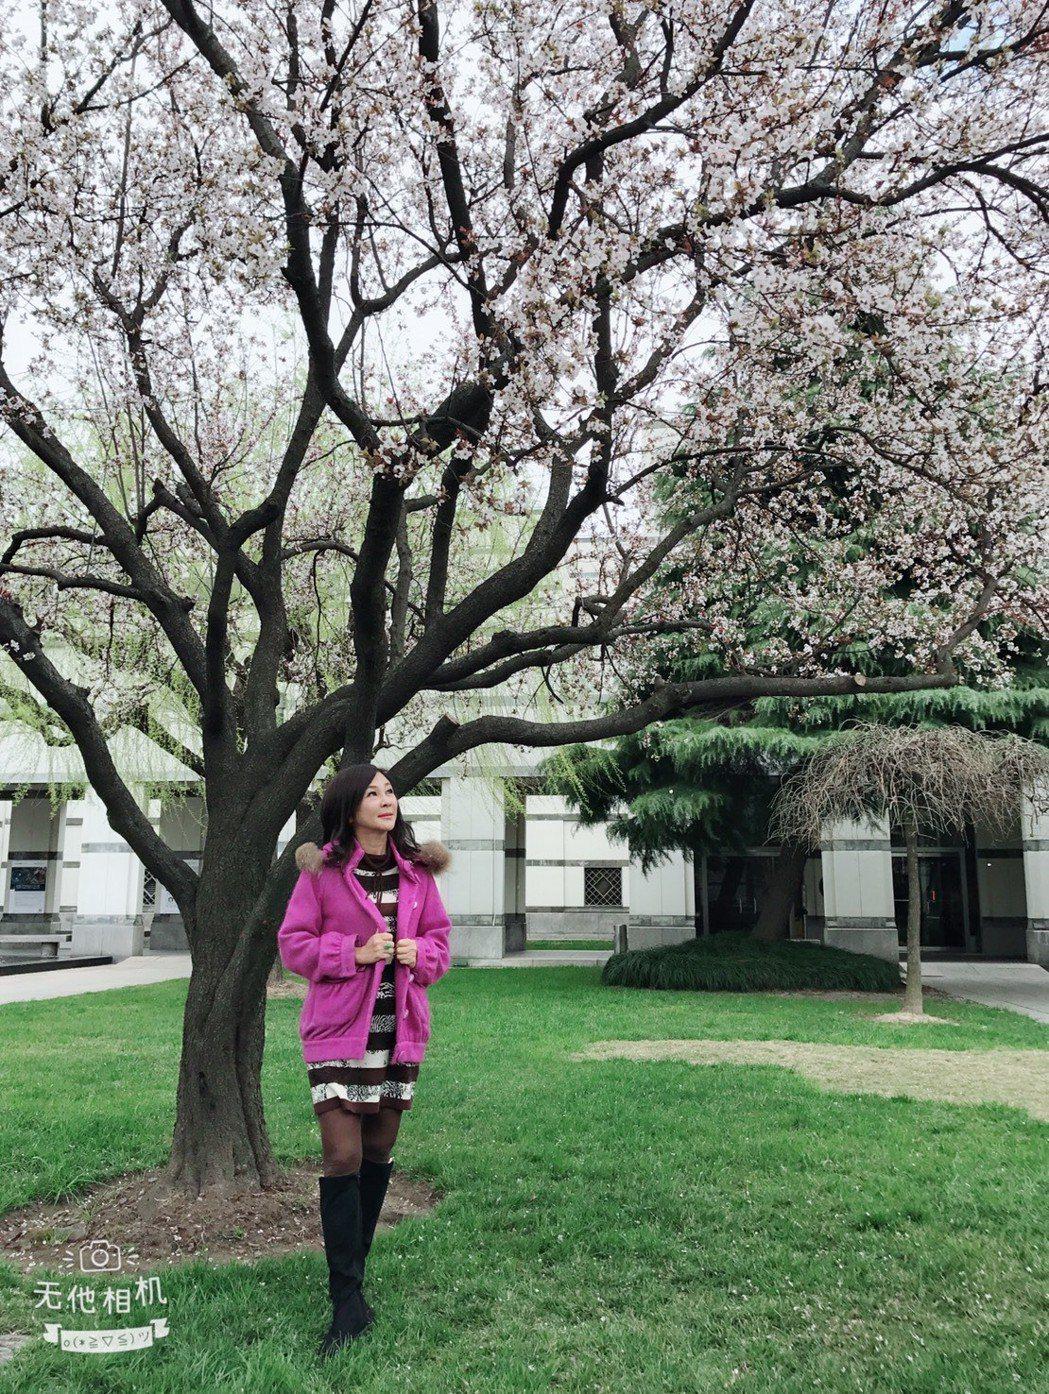 吳淡如在上海中歐國際工商學院裡享受學習人生。記者葉君遠/上海攝影